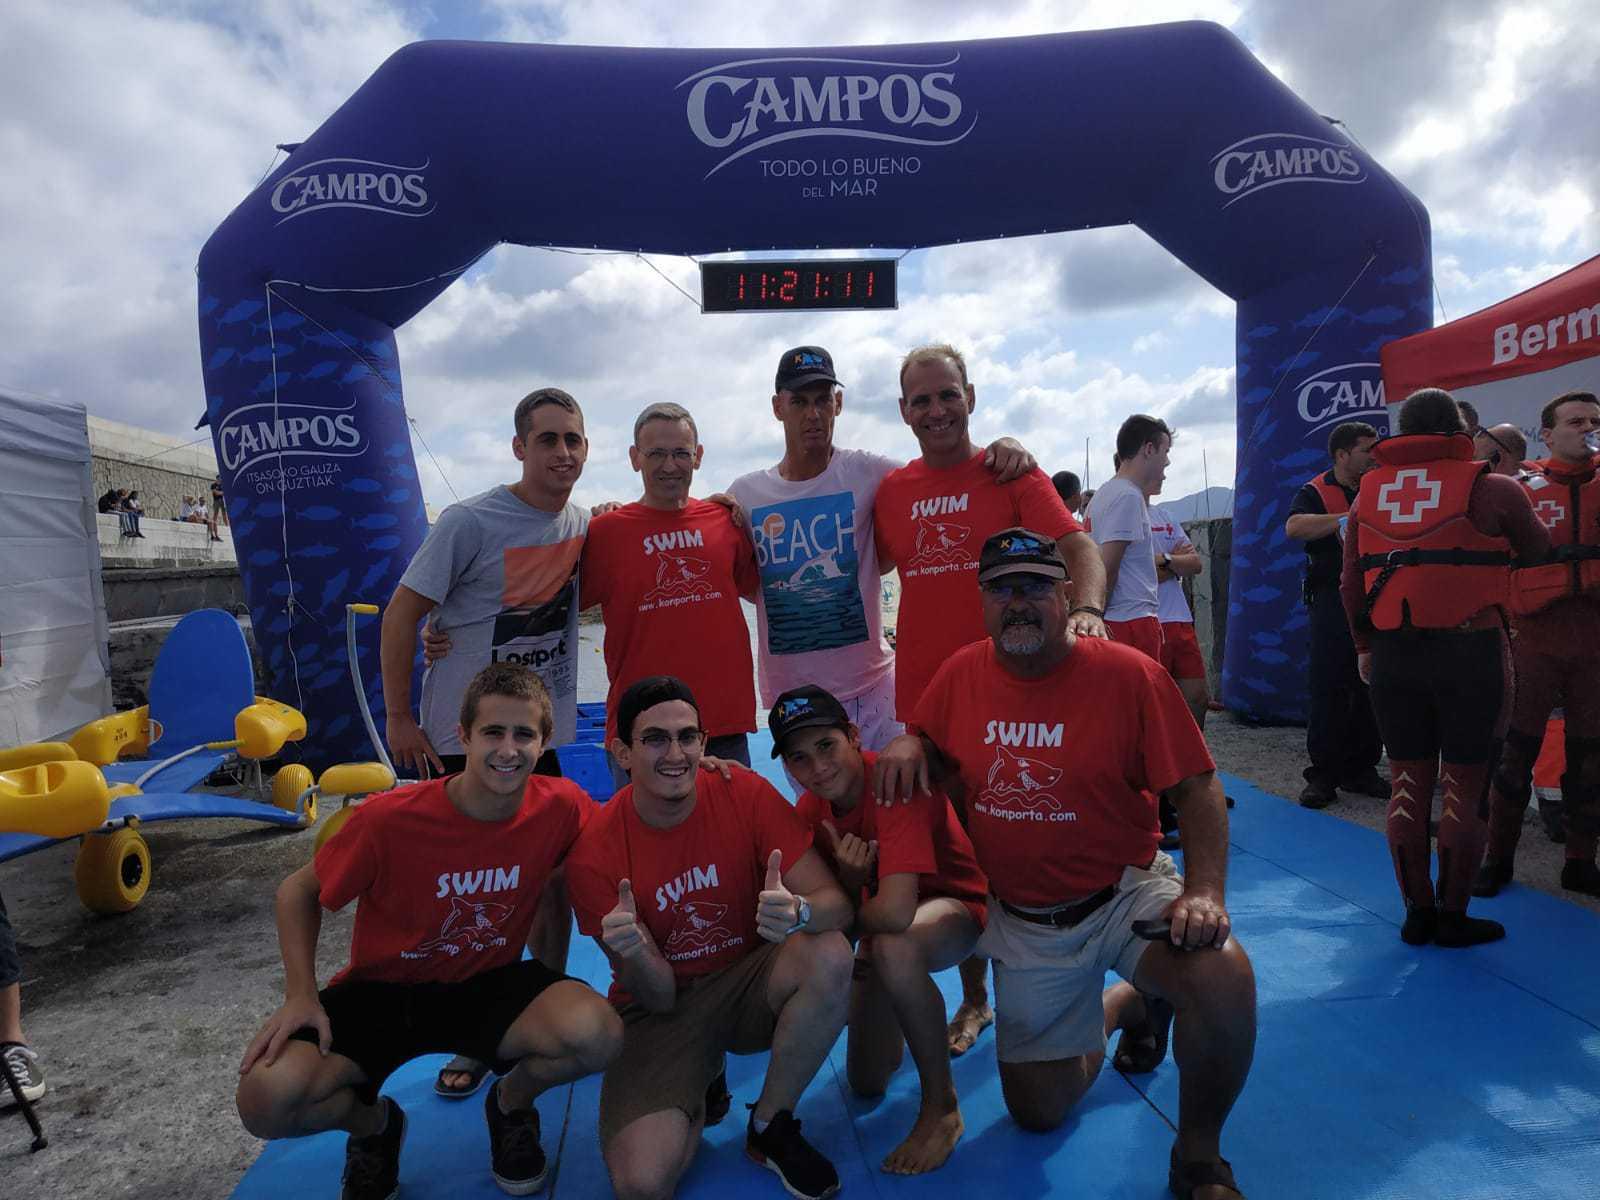 Konporta participa con 7 nadadores en la travesía de Bermeo - Konporta